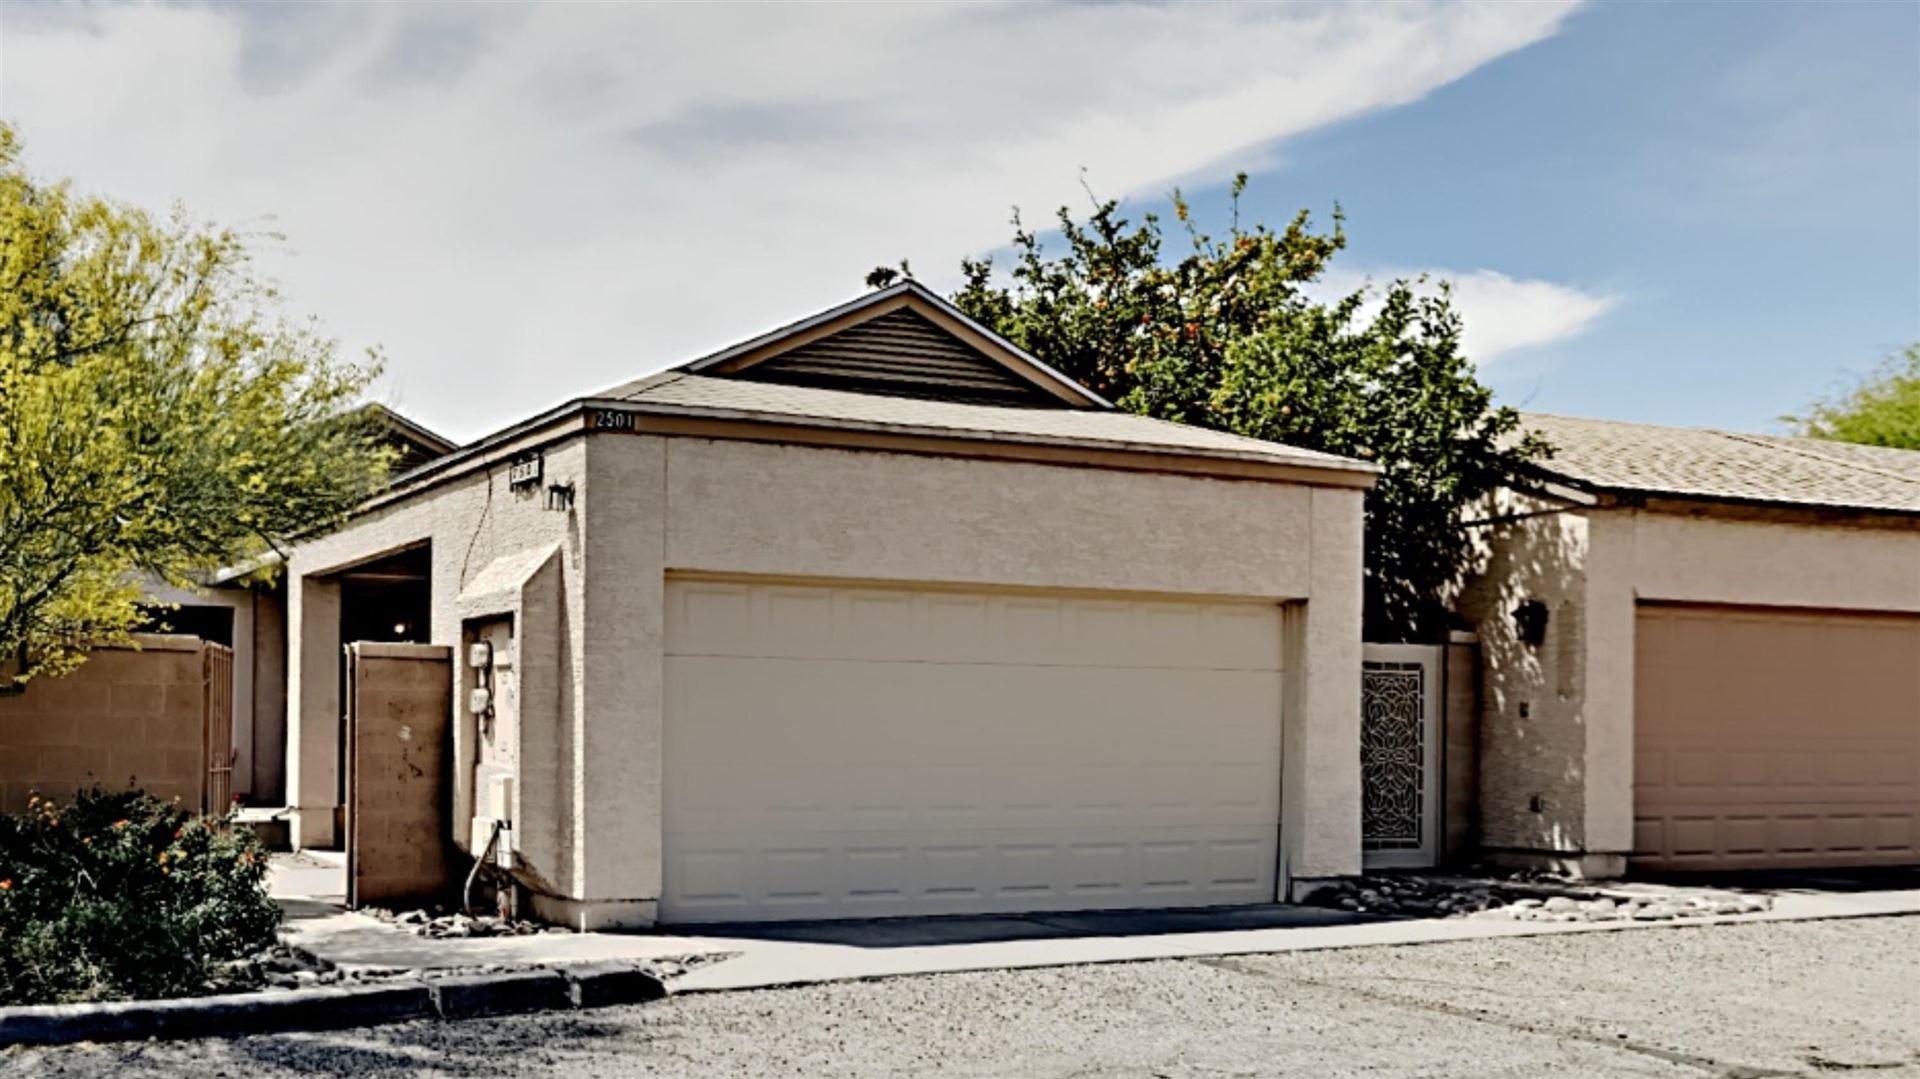 2501 N Palo Santo Drive, Tucson, AZ 85745 - MLS#: 22109995